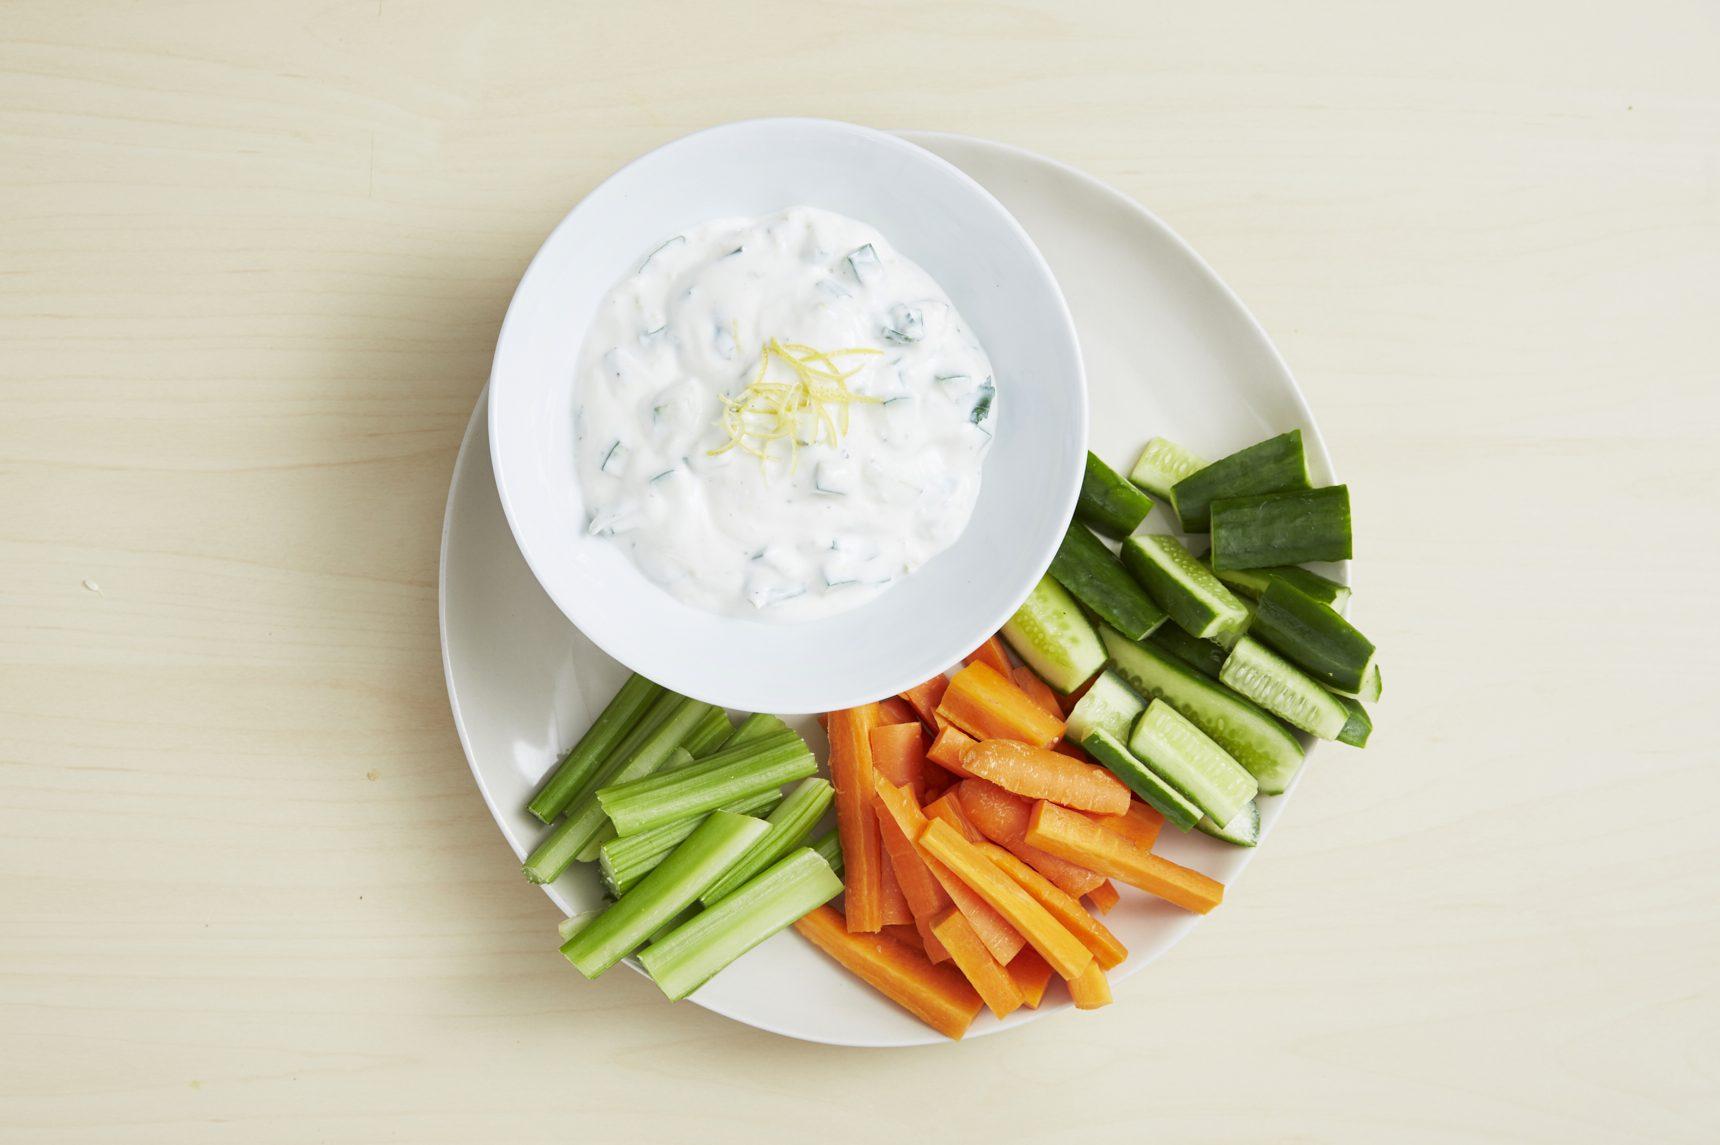 Cucumber and Yogurt Dip